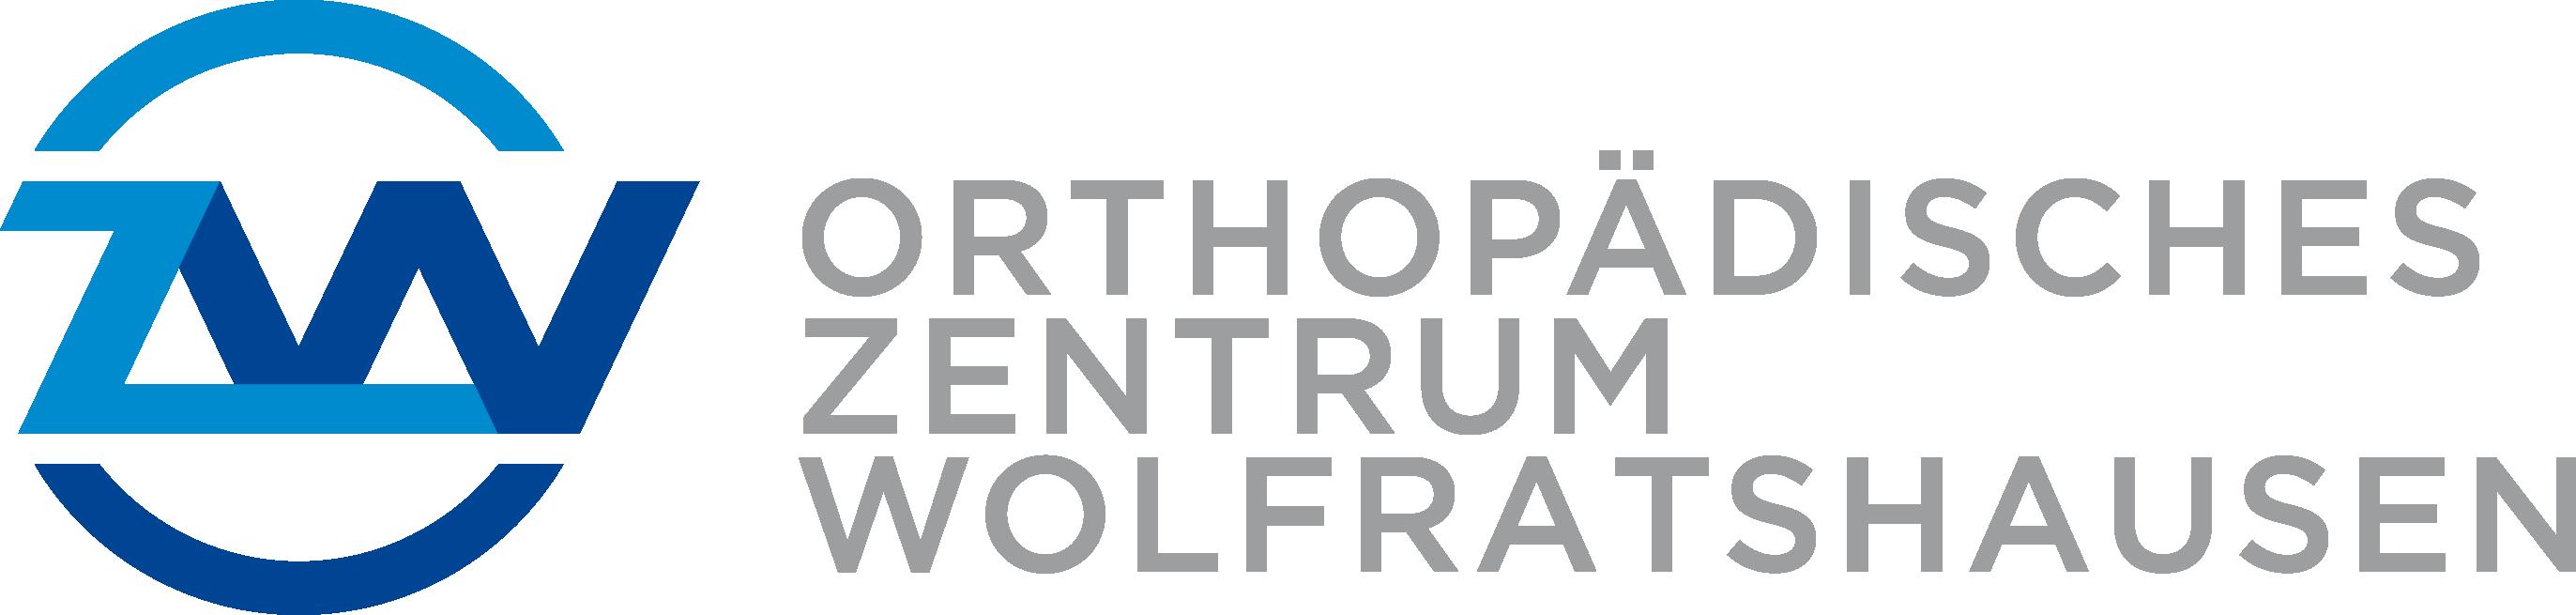 Orthopädie Wolfratshausen